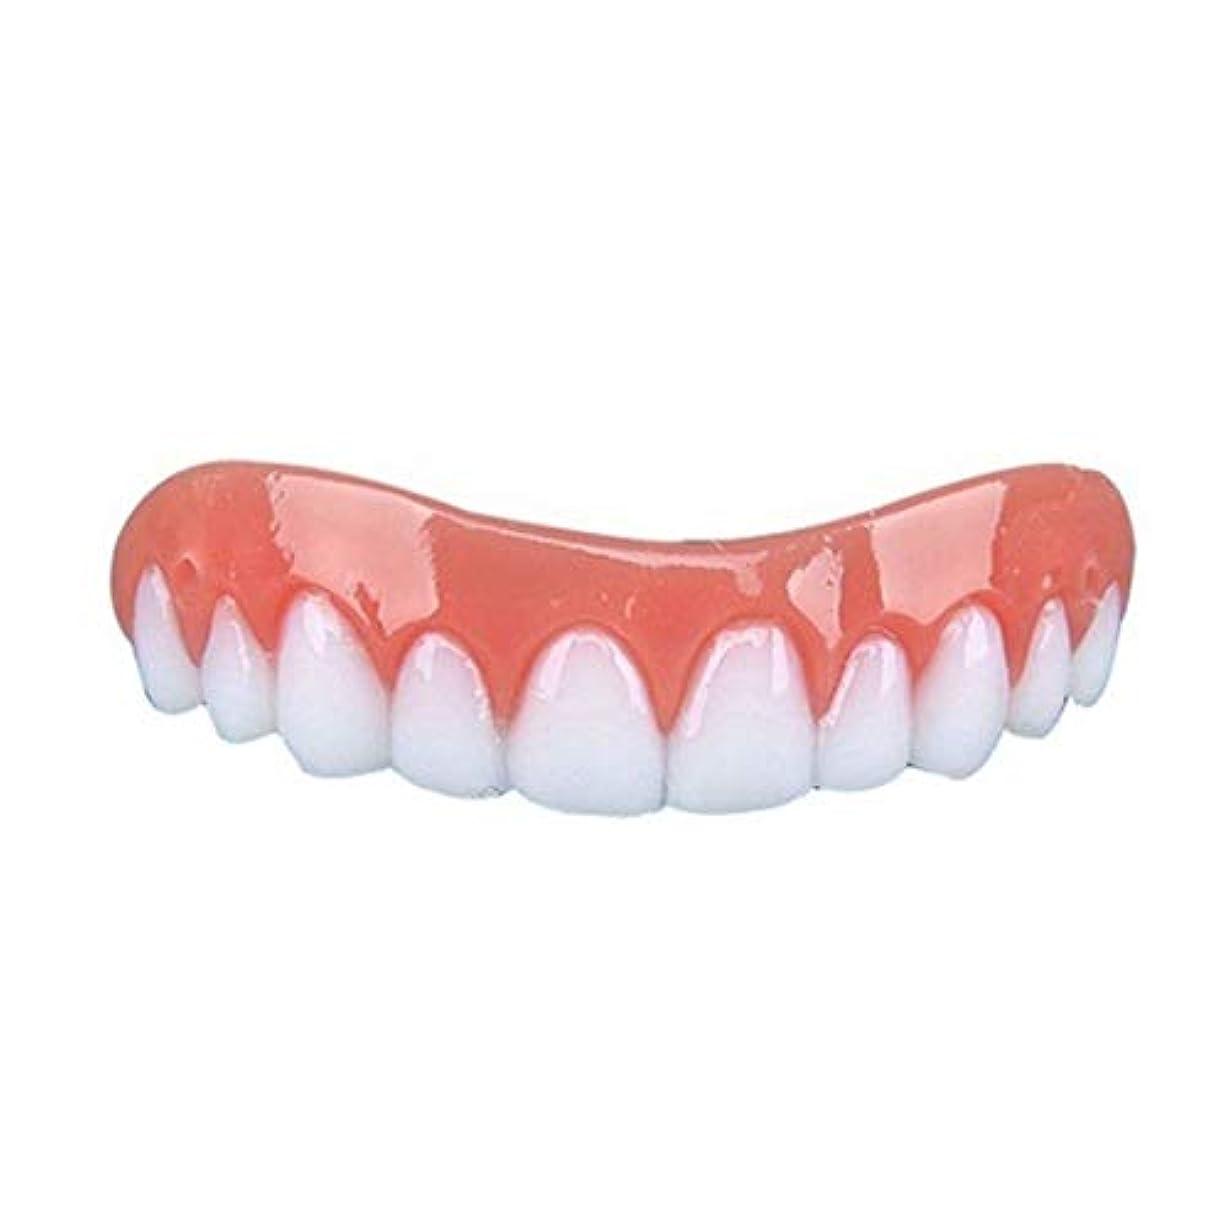 噴水ハンマーセクタBartram 歯カバー シリコン義歯ペースト 上歯 笑顔を保つ 歯保護 美容用 入れ歯 矯正義歯